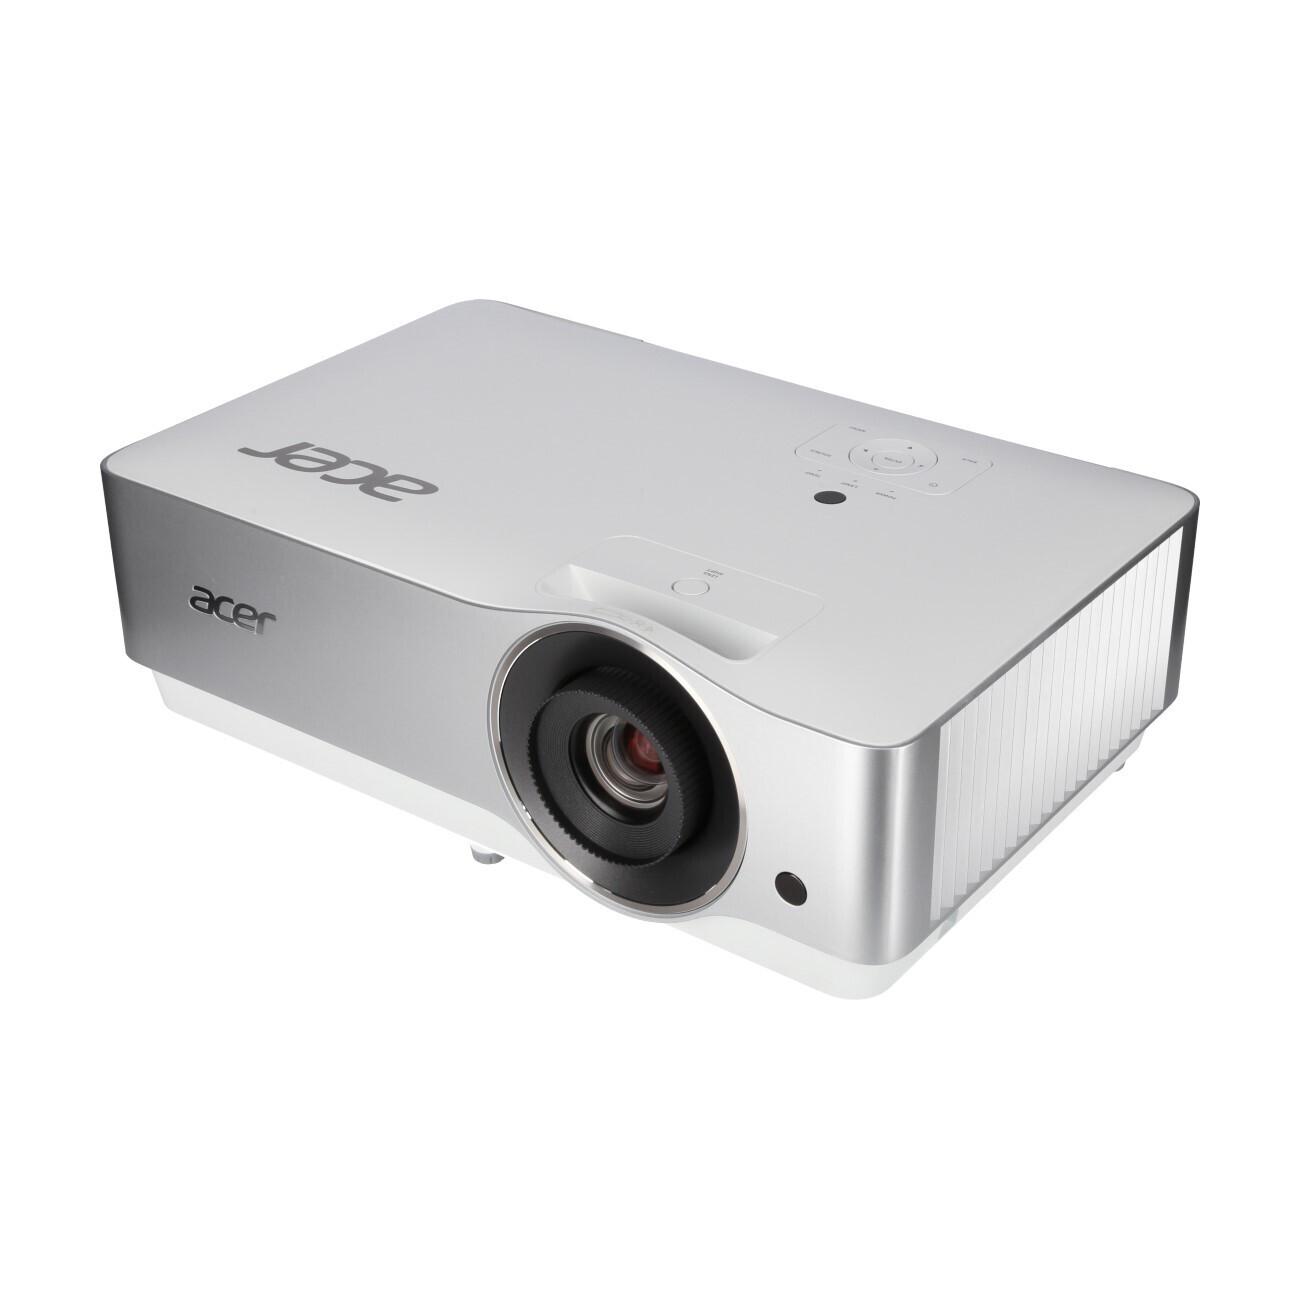 Acer VL7860 4K Beamer mit 3000 ANSI-Lumen und 3840x2160 Auflösung